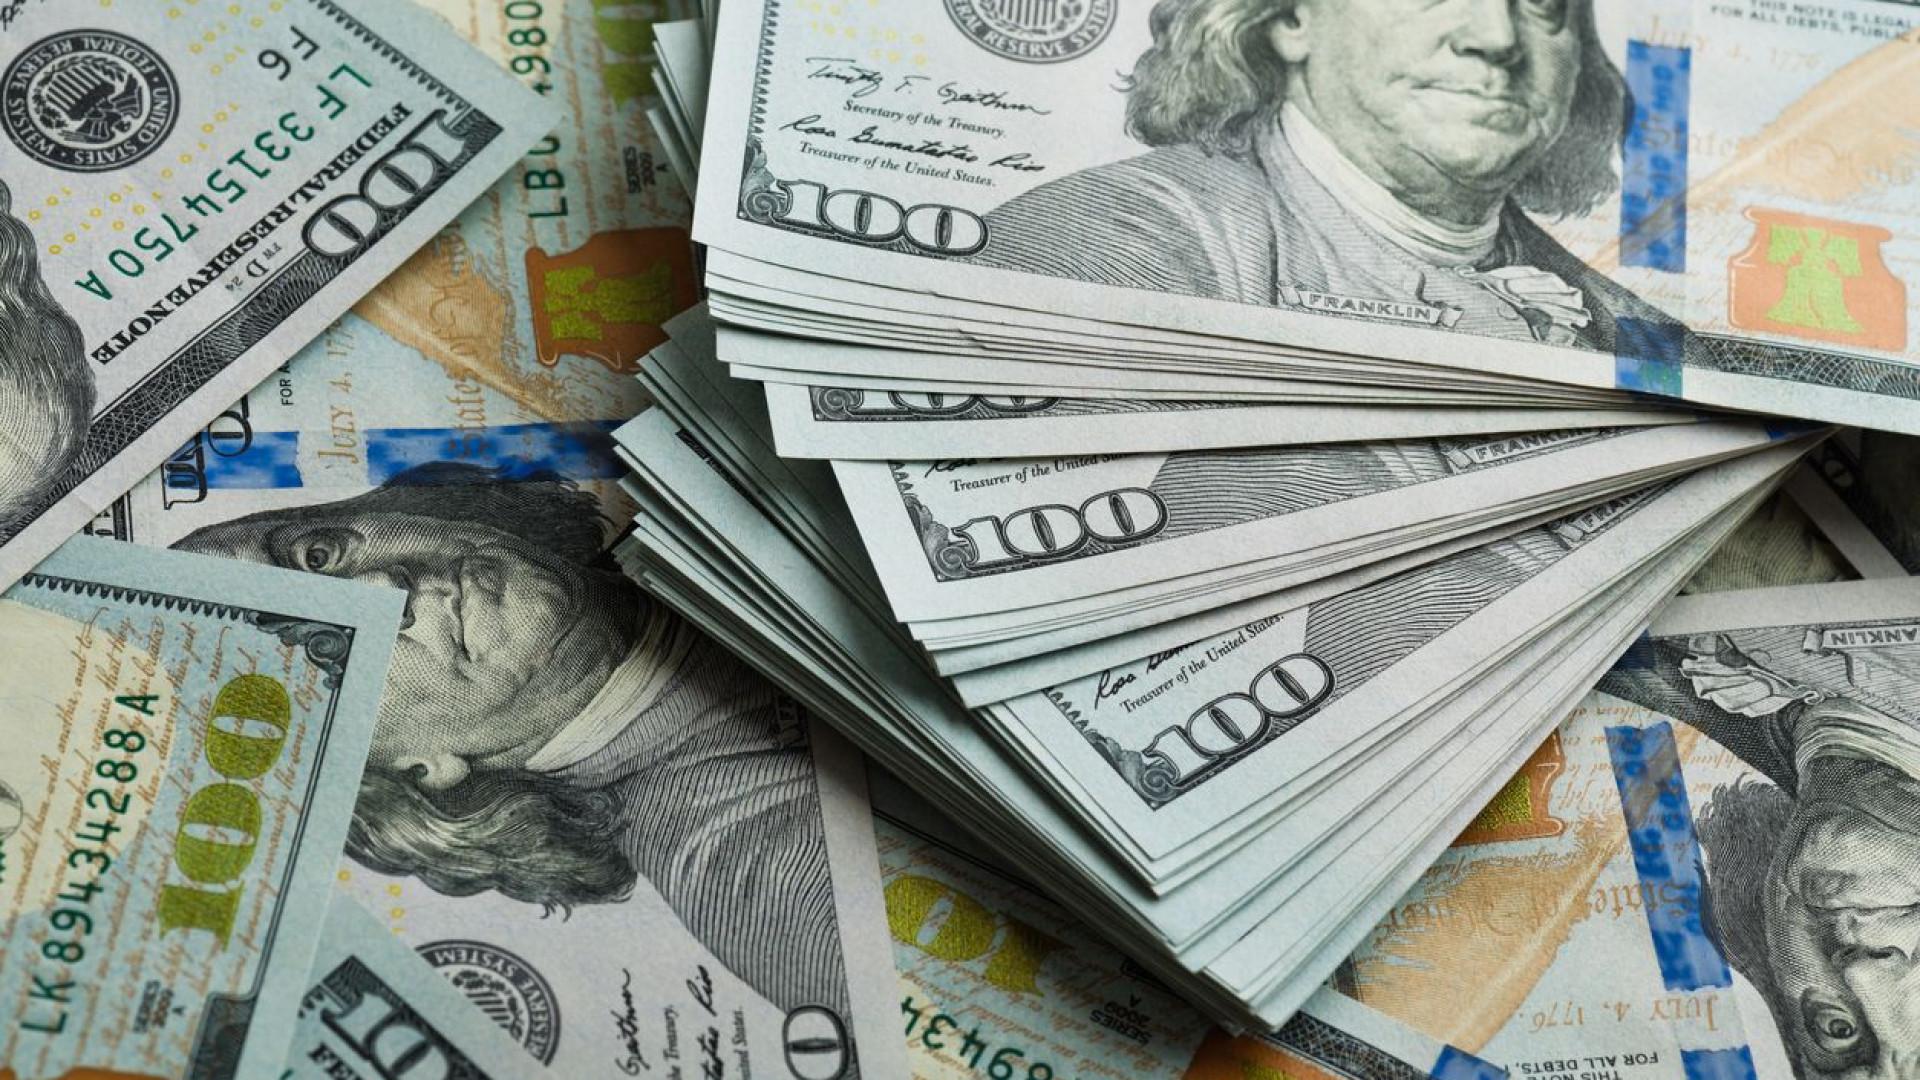 Bancos africanos dão 950 milhões para operações de factoring